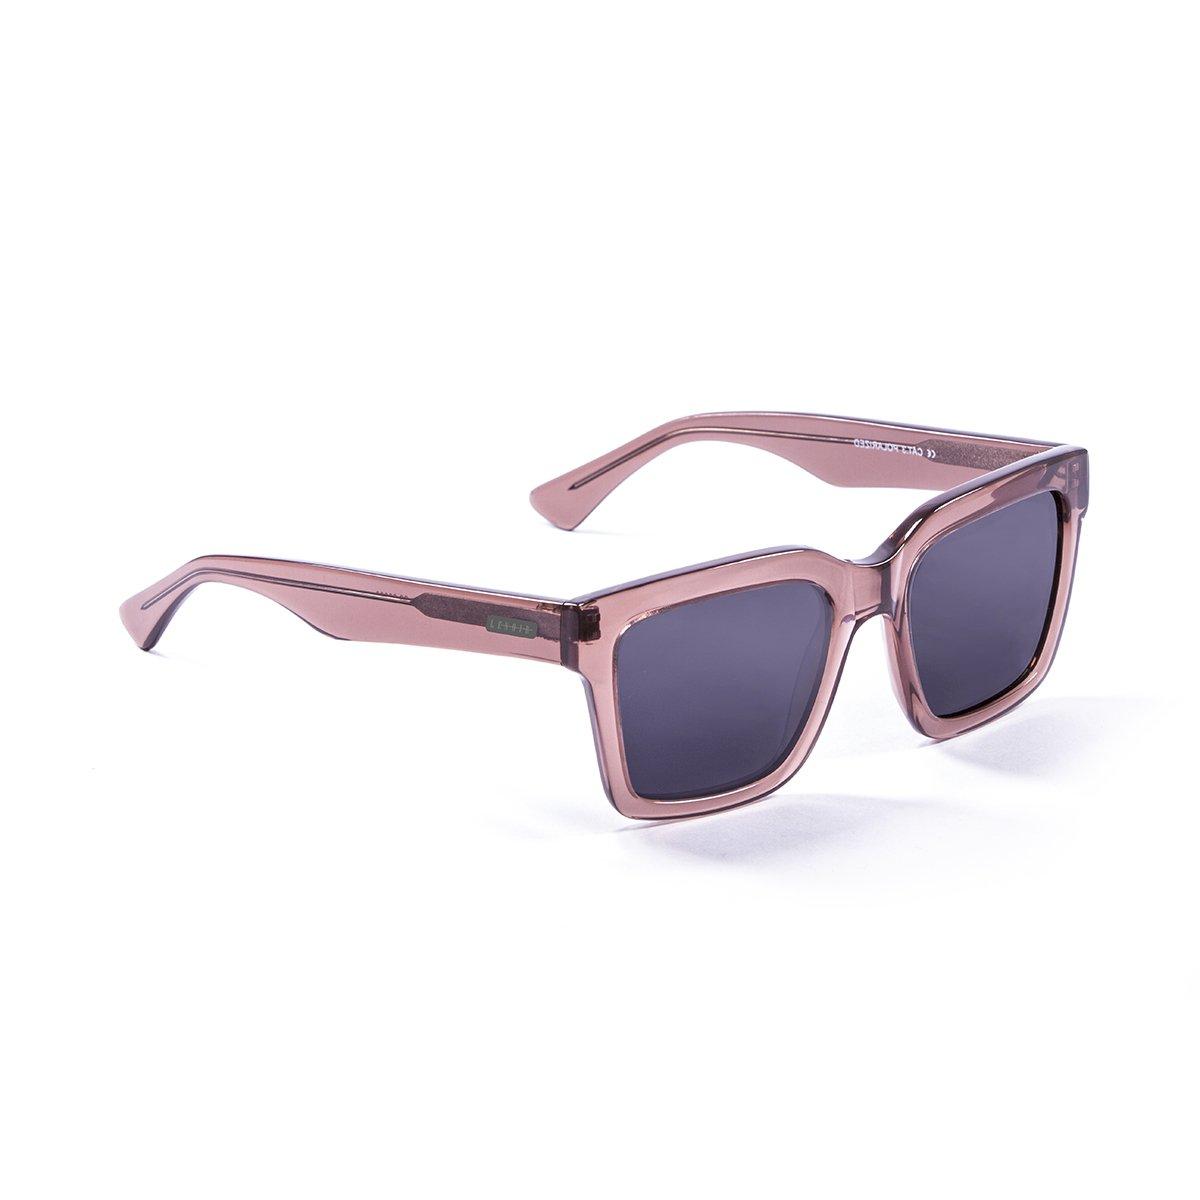 Lenoir Eyewear LE63000.1 Lunette de Soleil Mixte Adulte, Marron